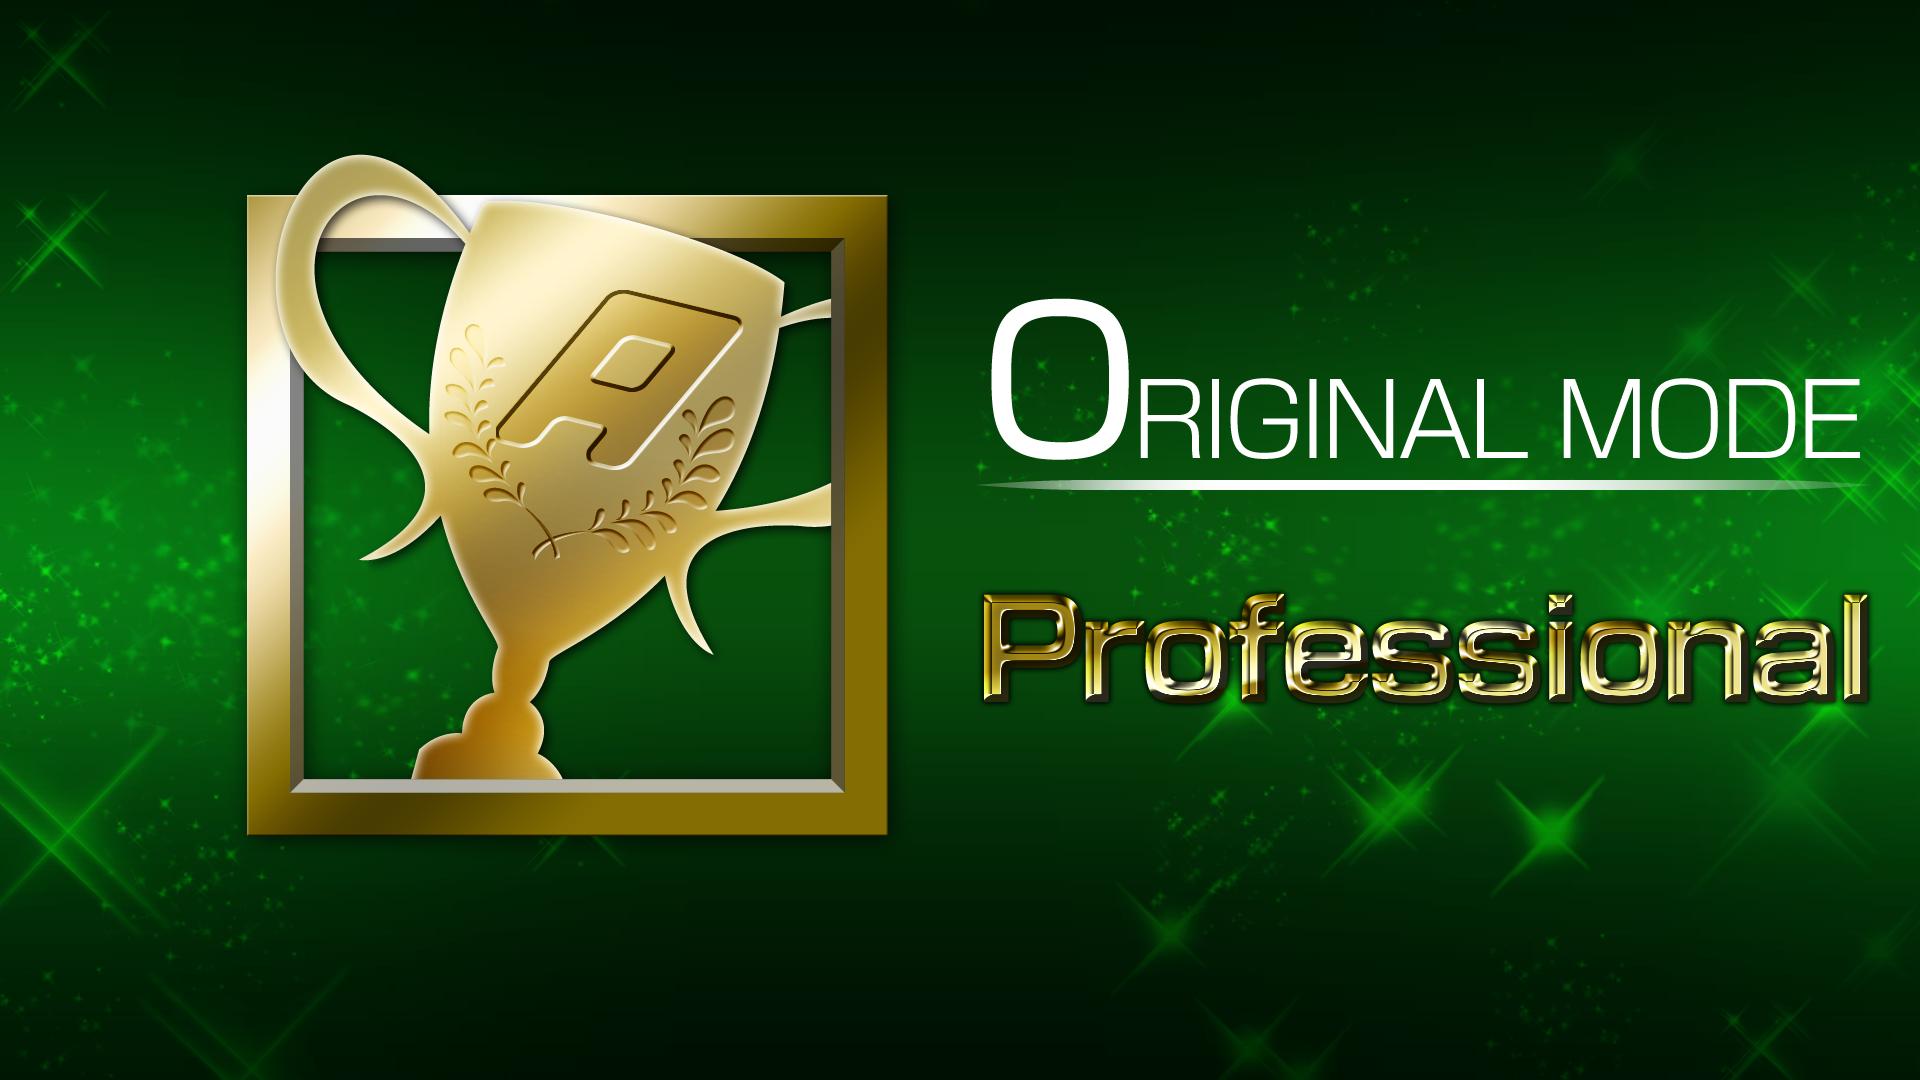 Icon for ORIGINAL MODE 6 win(s)